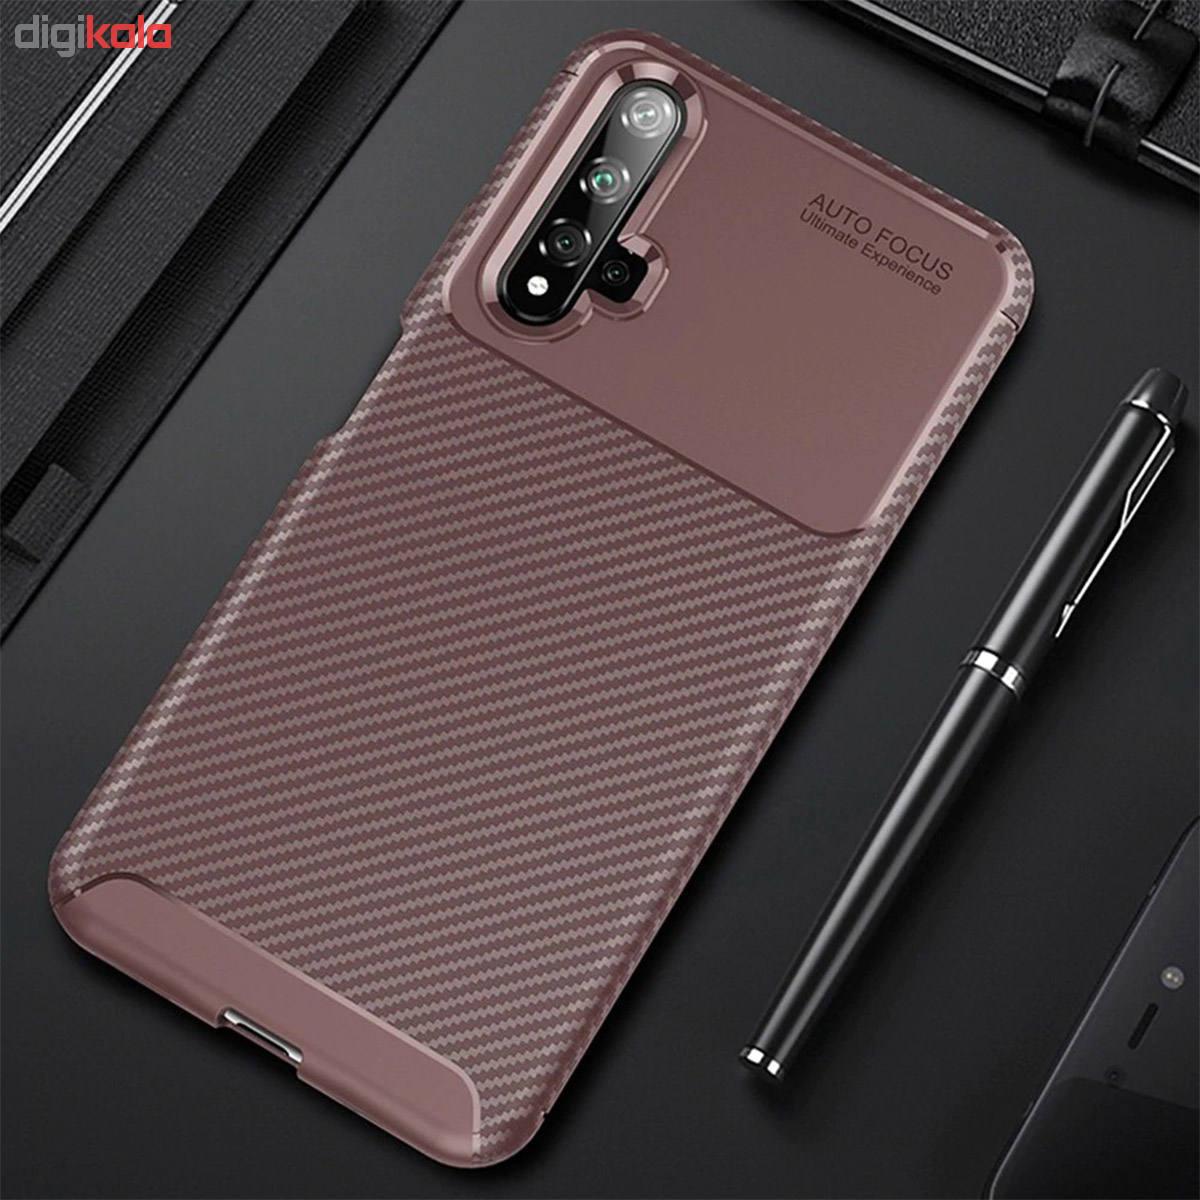 کاور لاین کینگ مدل A21 مناسب برای گوشی موبایل هوآوی Nova 5T thumb 2 22